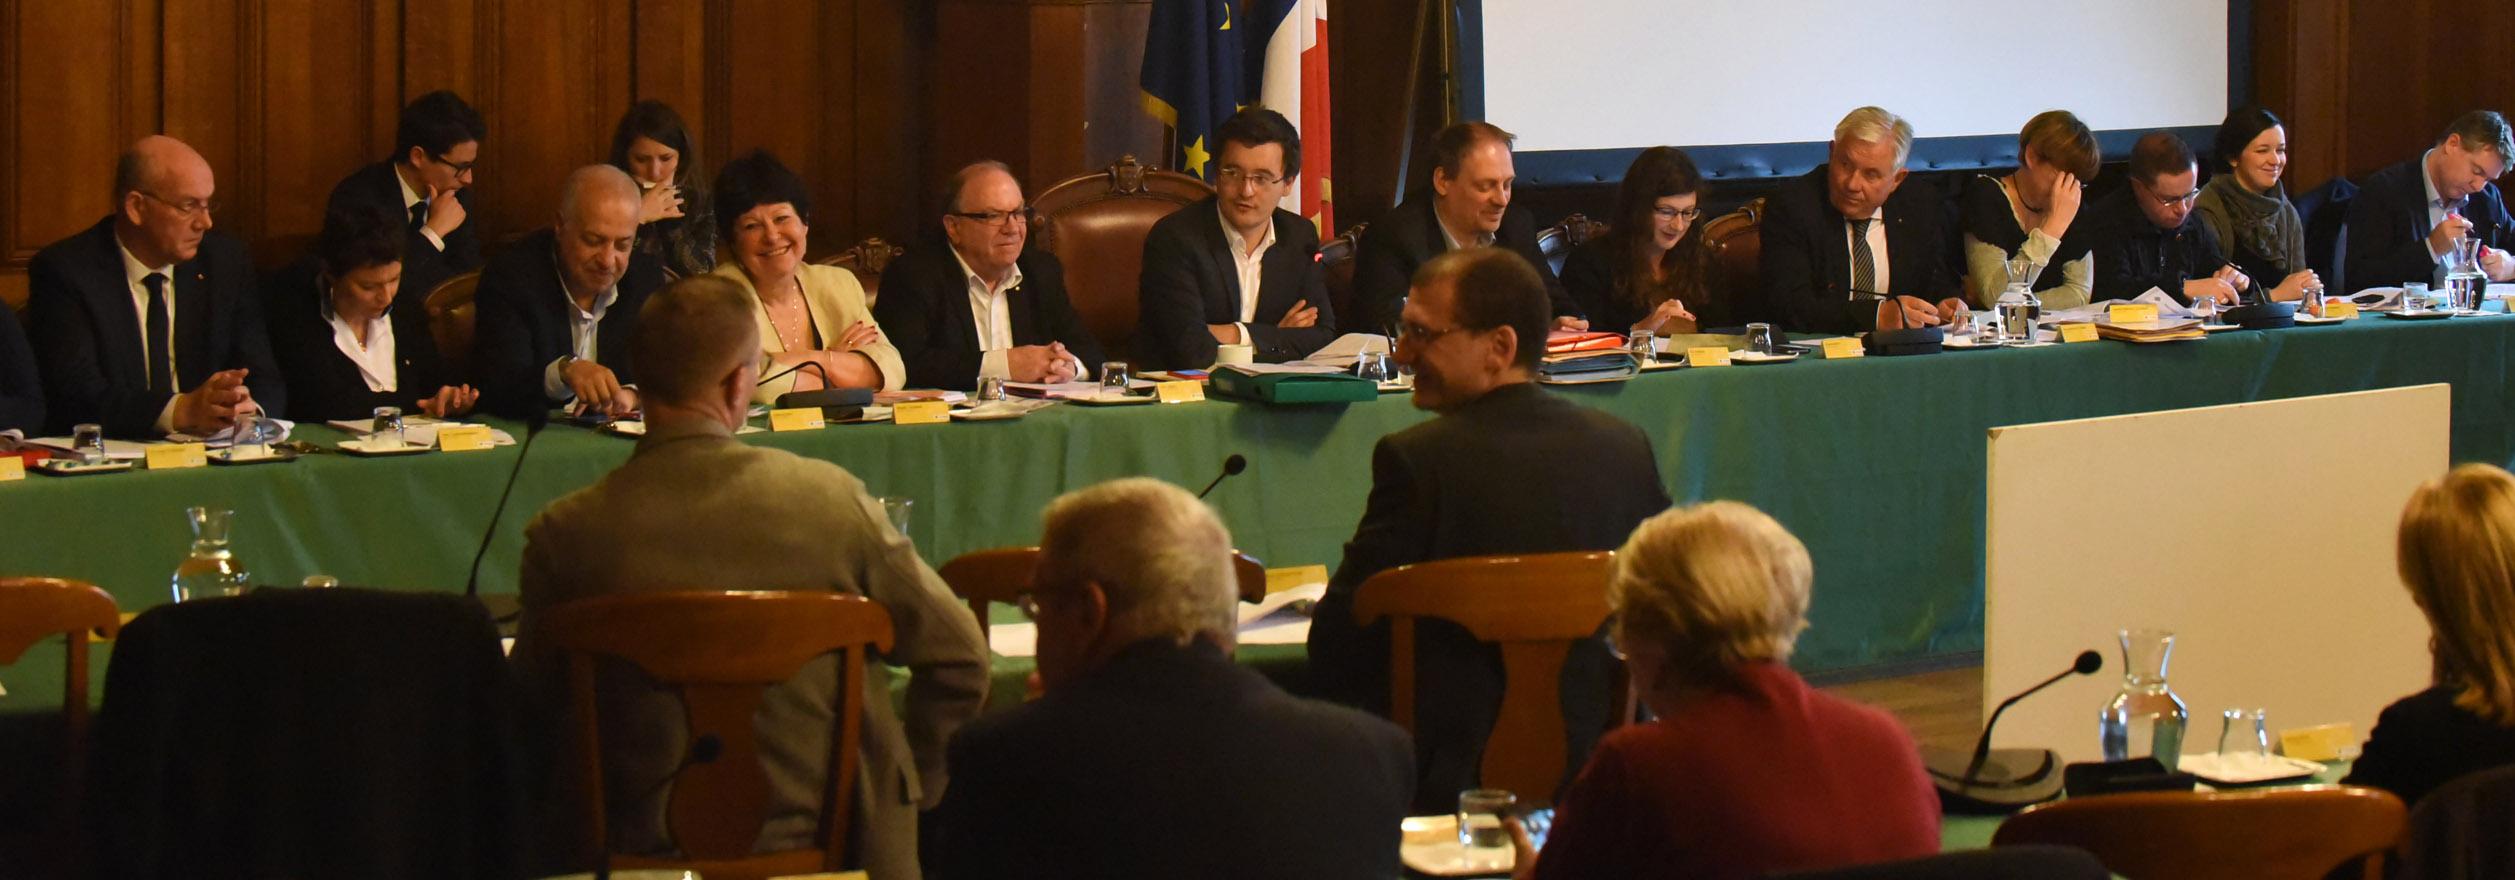 Le conseil municipal ma ville tourcoing - Piscine de tourcoing ...